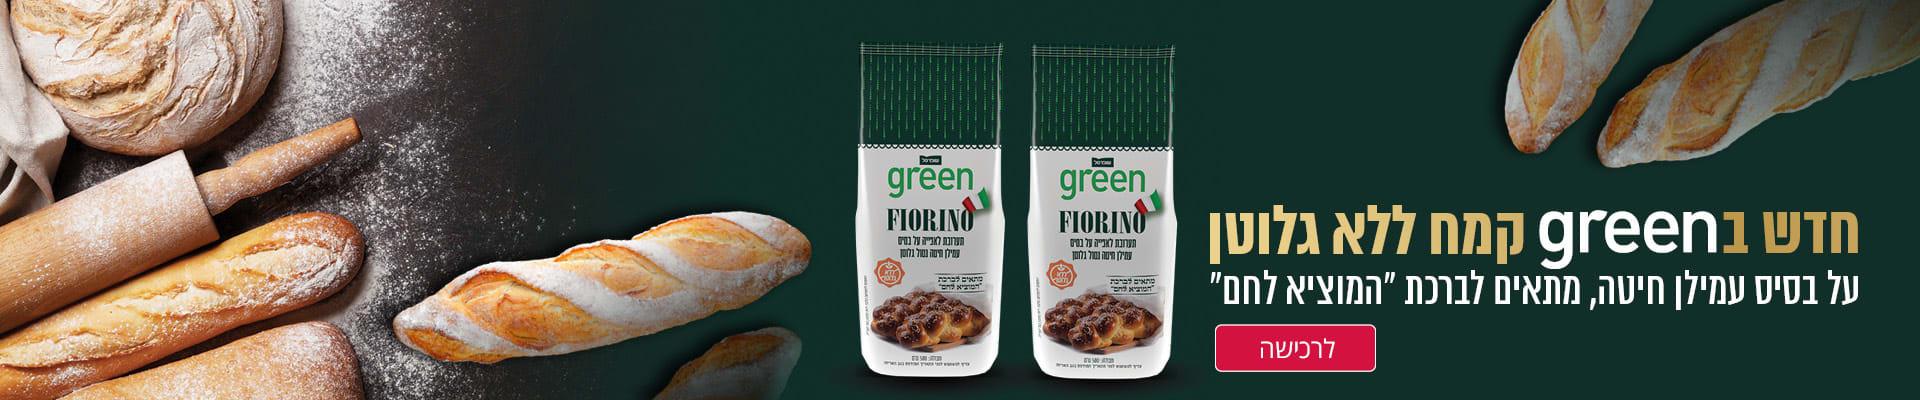 """חדש בGREEN קמח ללא גלוטן על בסיס עמילן חיטה, מתאים לברכת """"המוציא לחם"""""""